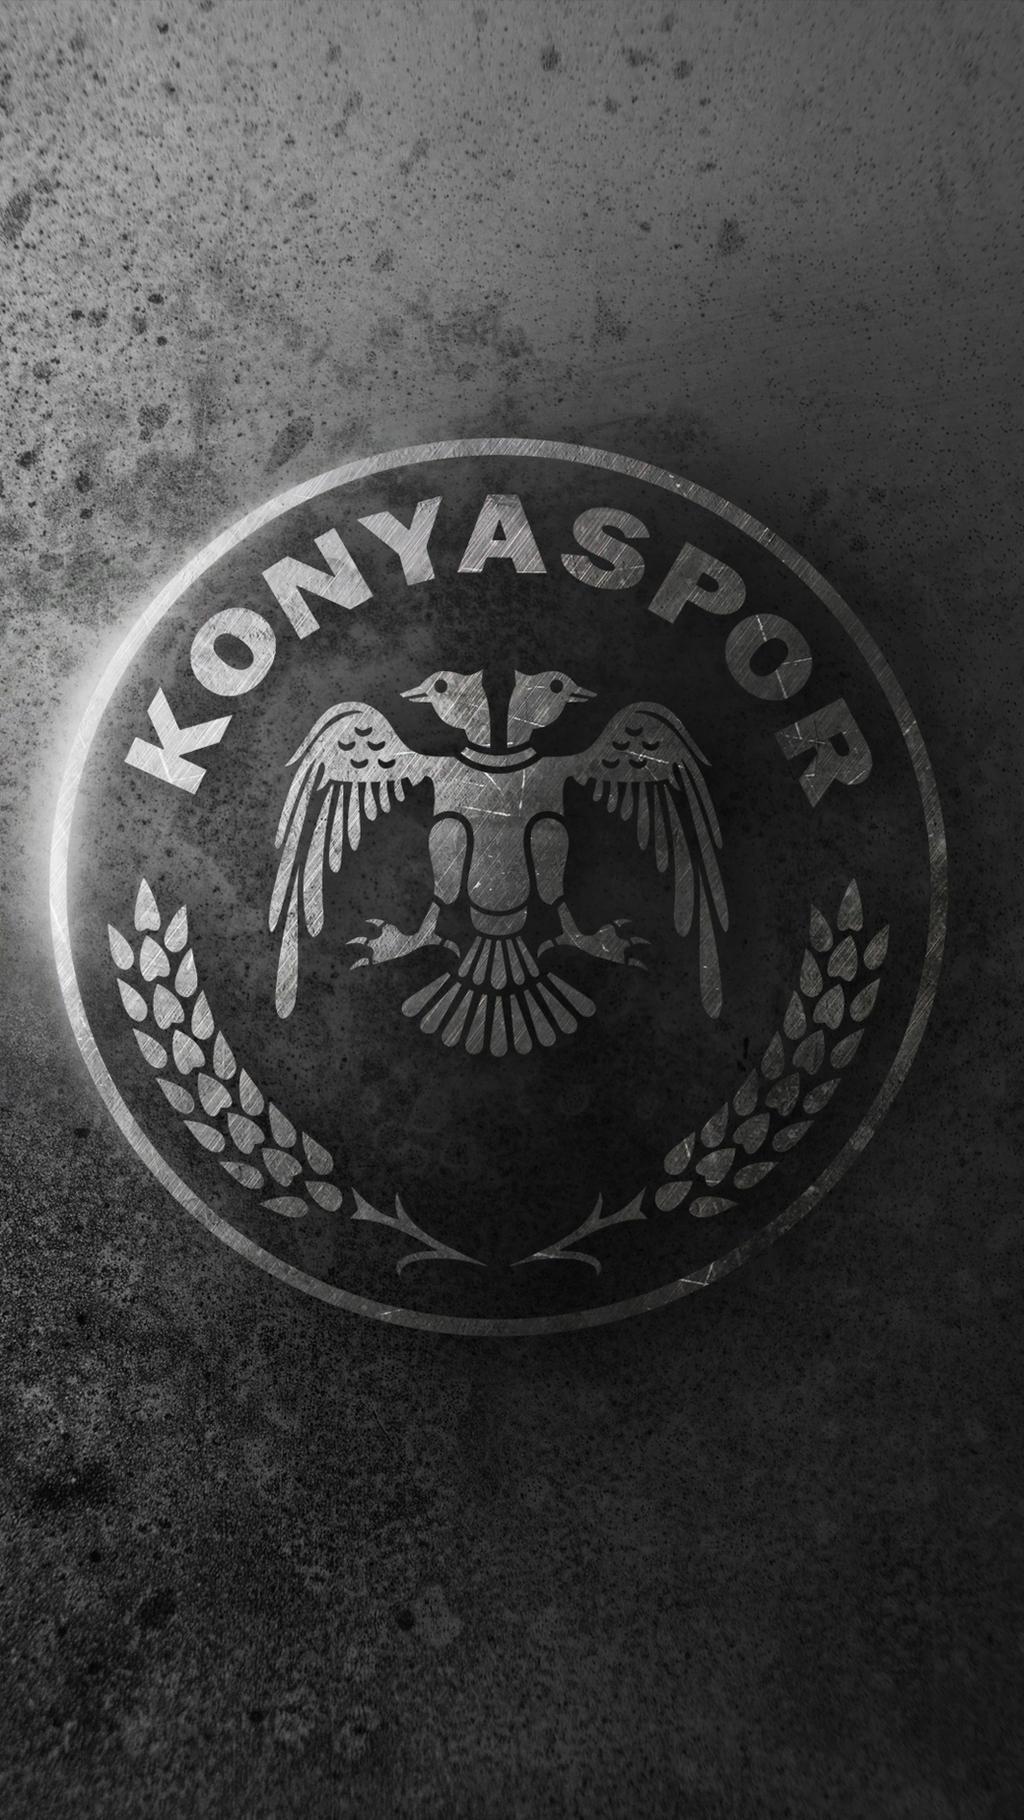 Konyaspor Logo Wallpaper By Kerimov23 On DeviantArt